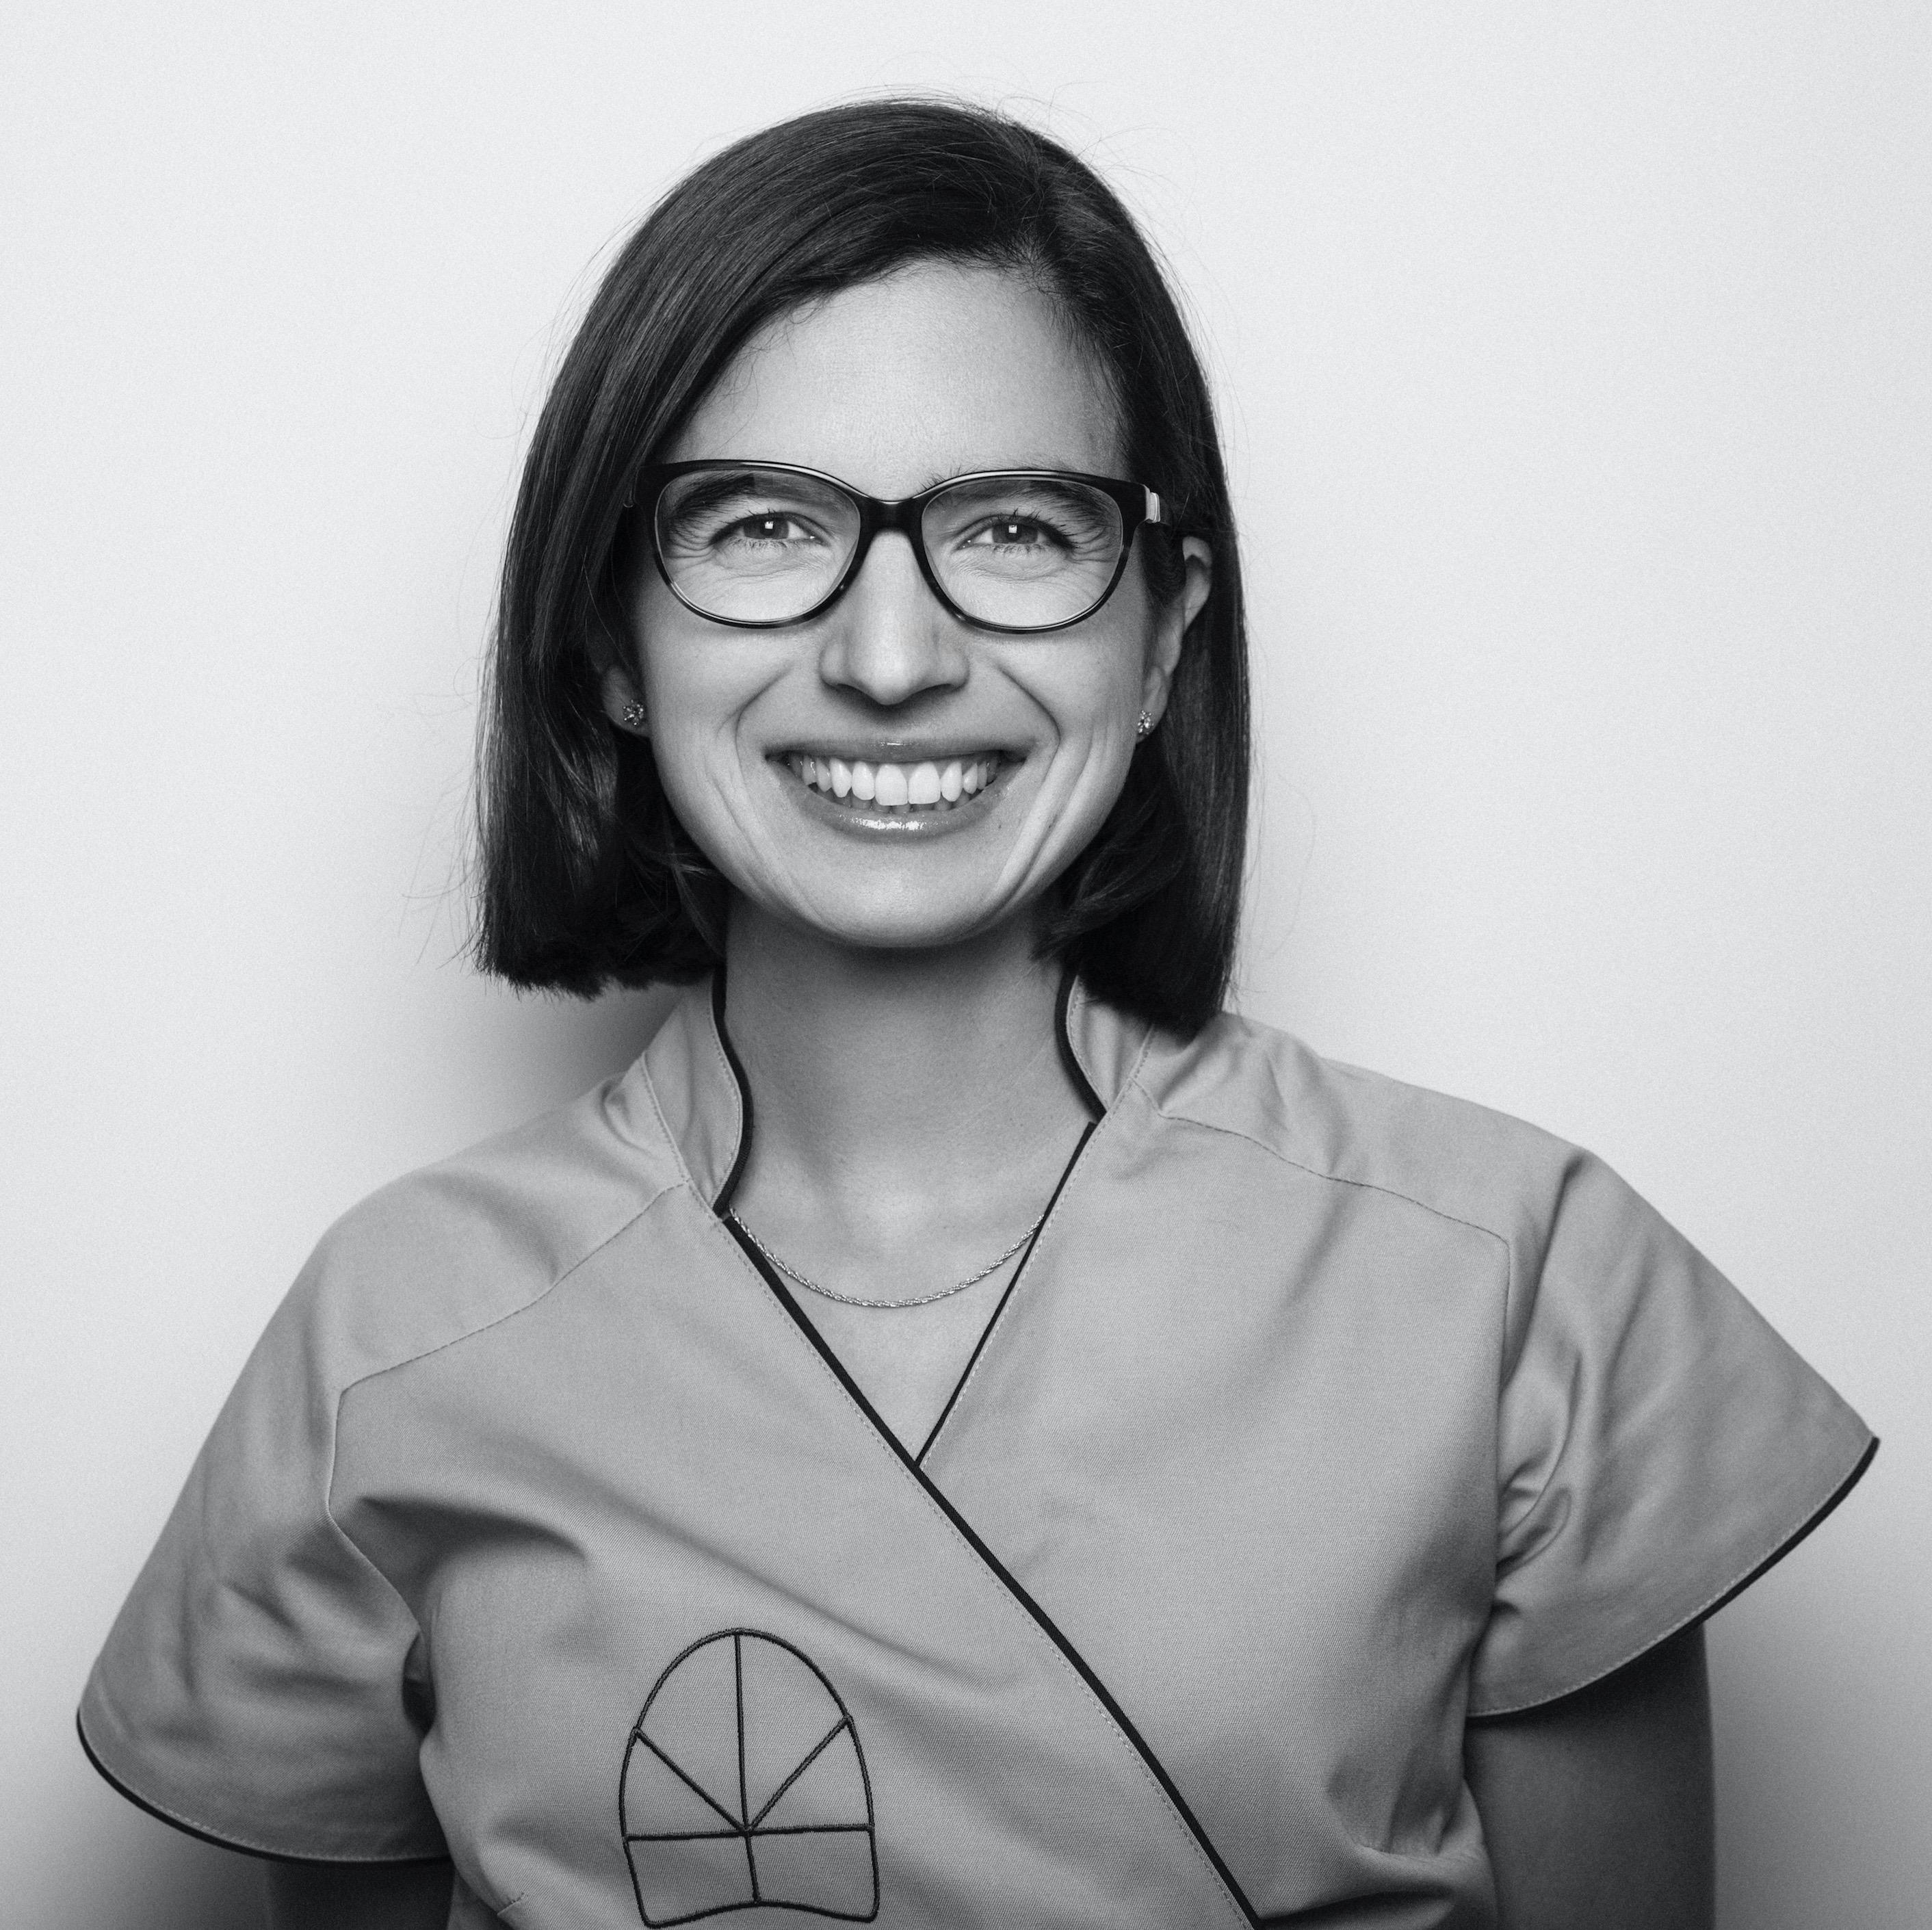 Dra. Marta Durán Fernández Feijoo